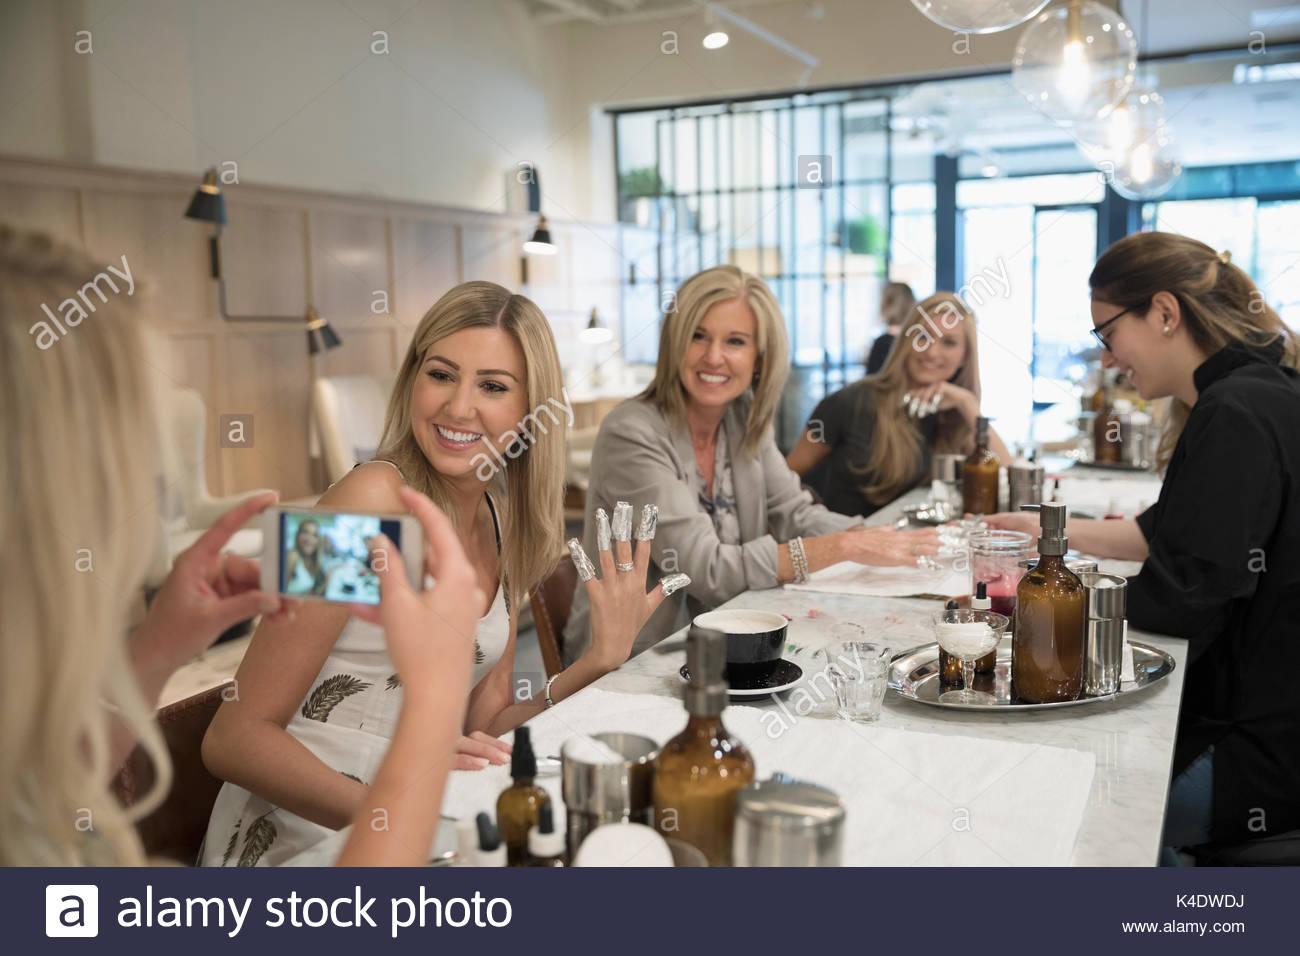 Smiling women friends se manucure Gel, posant pour en selfies nail salon Photo Stock